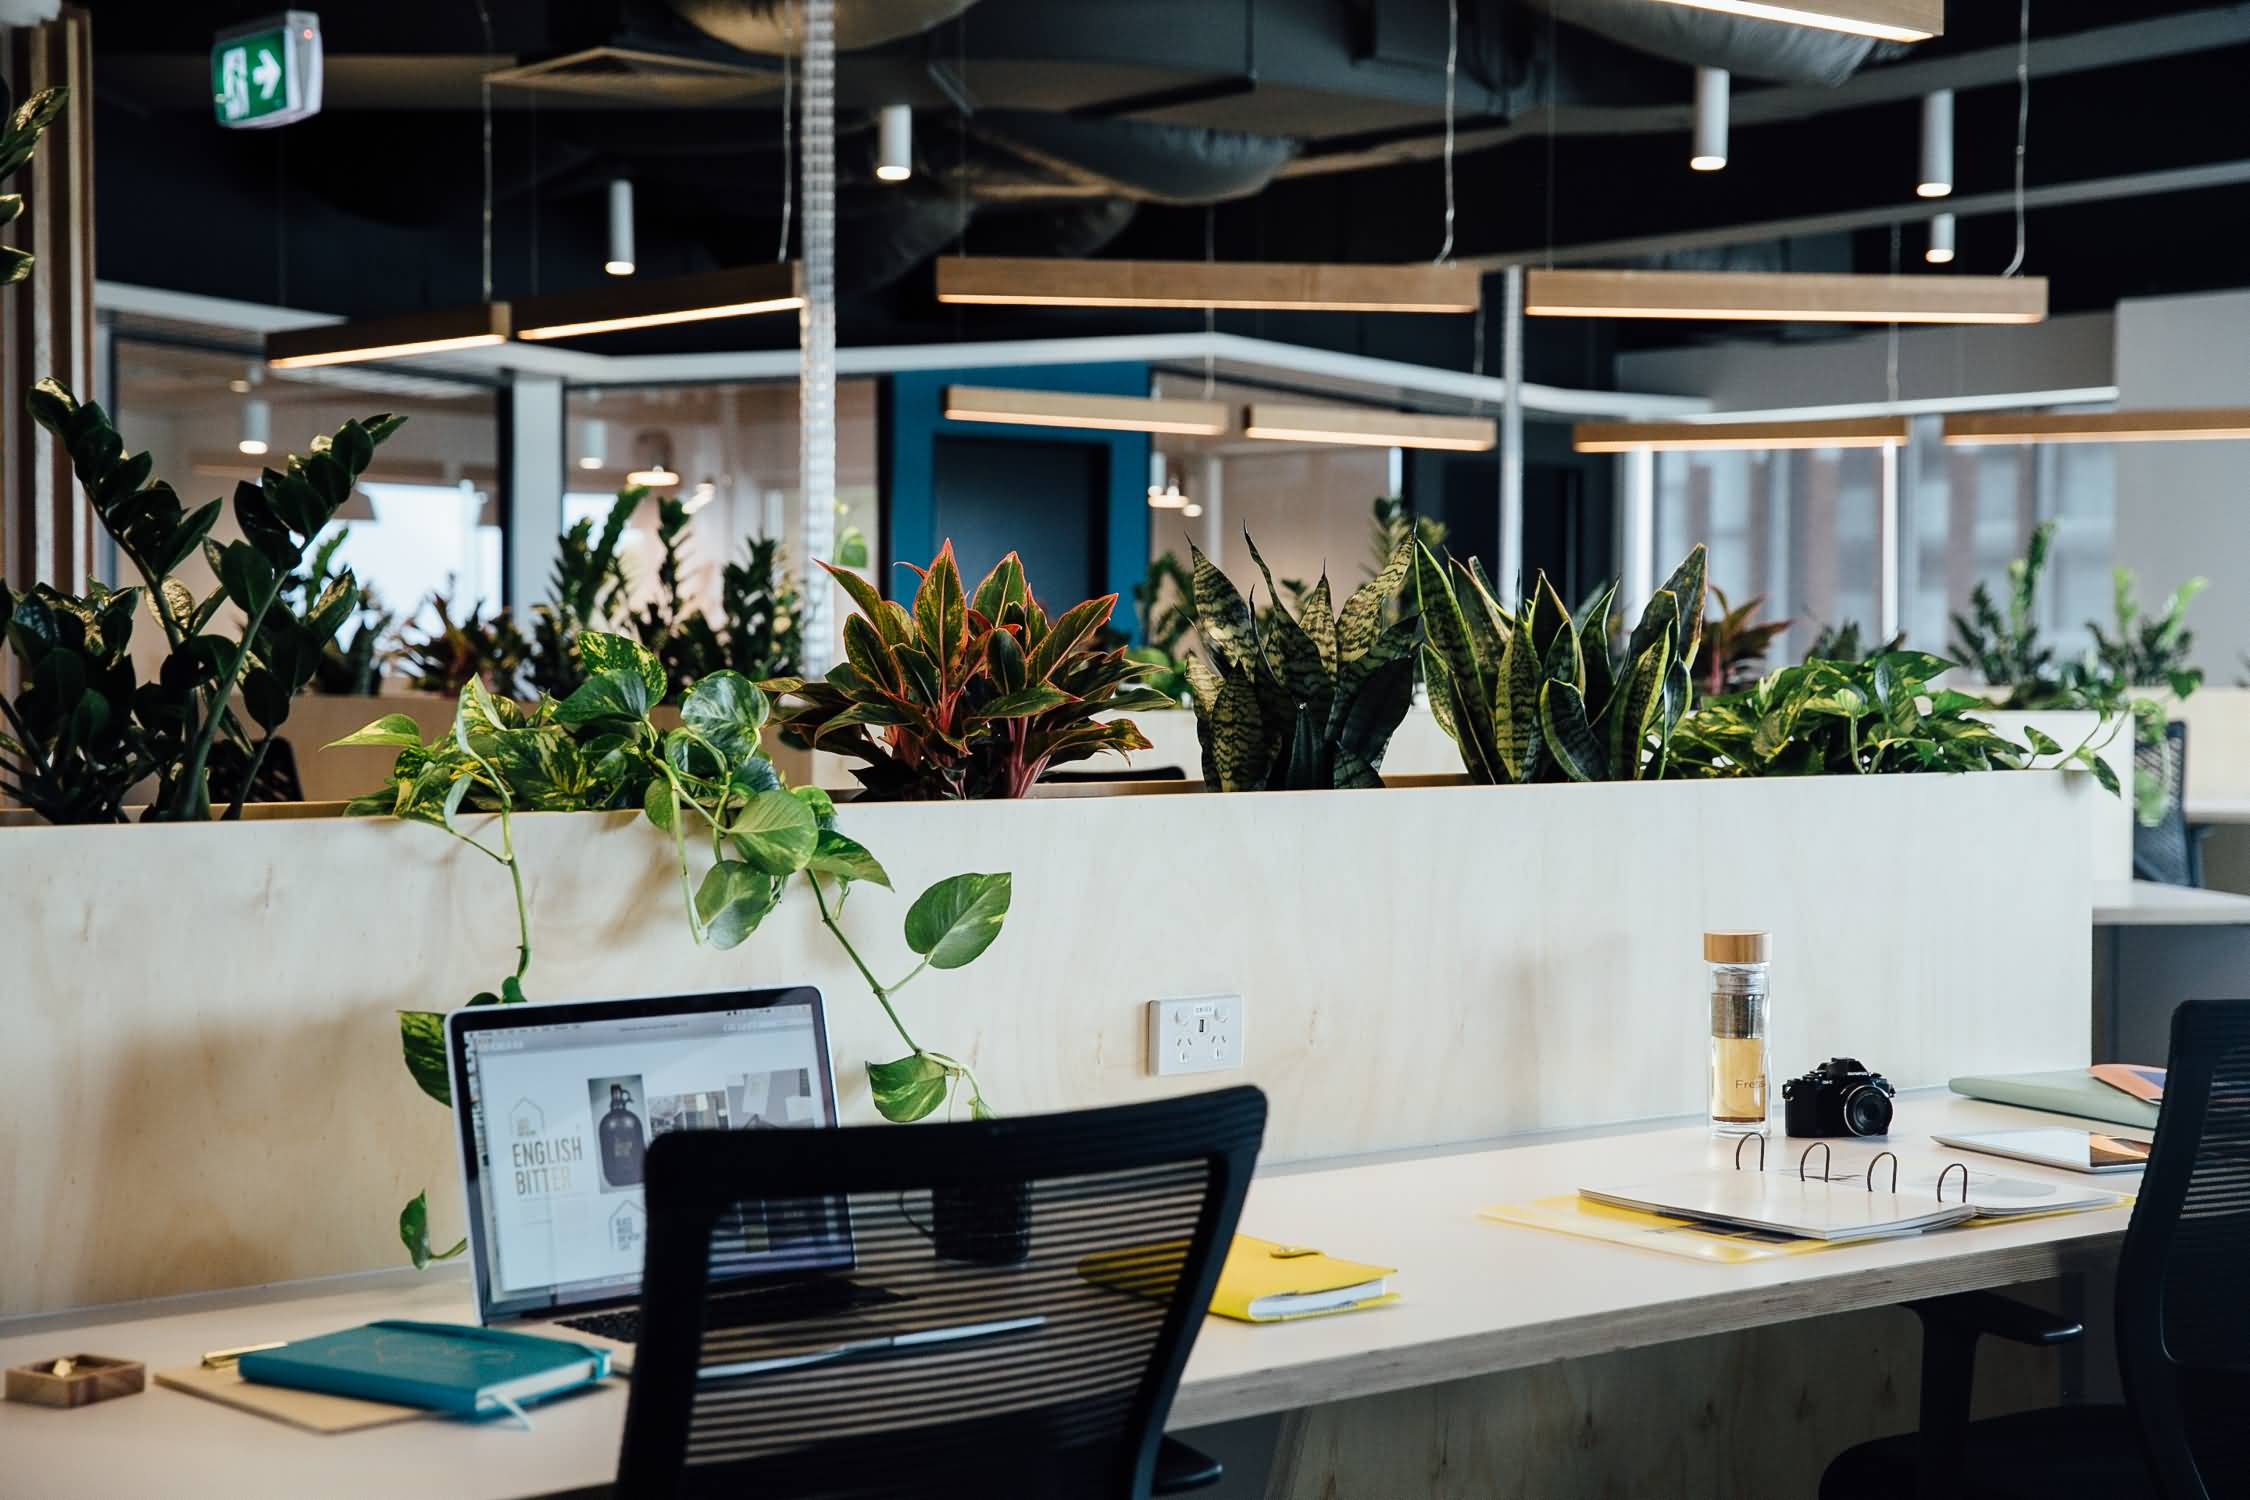 Guymer-bailey-architects-inbox-workspace-interiors-03.JPG